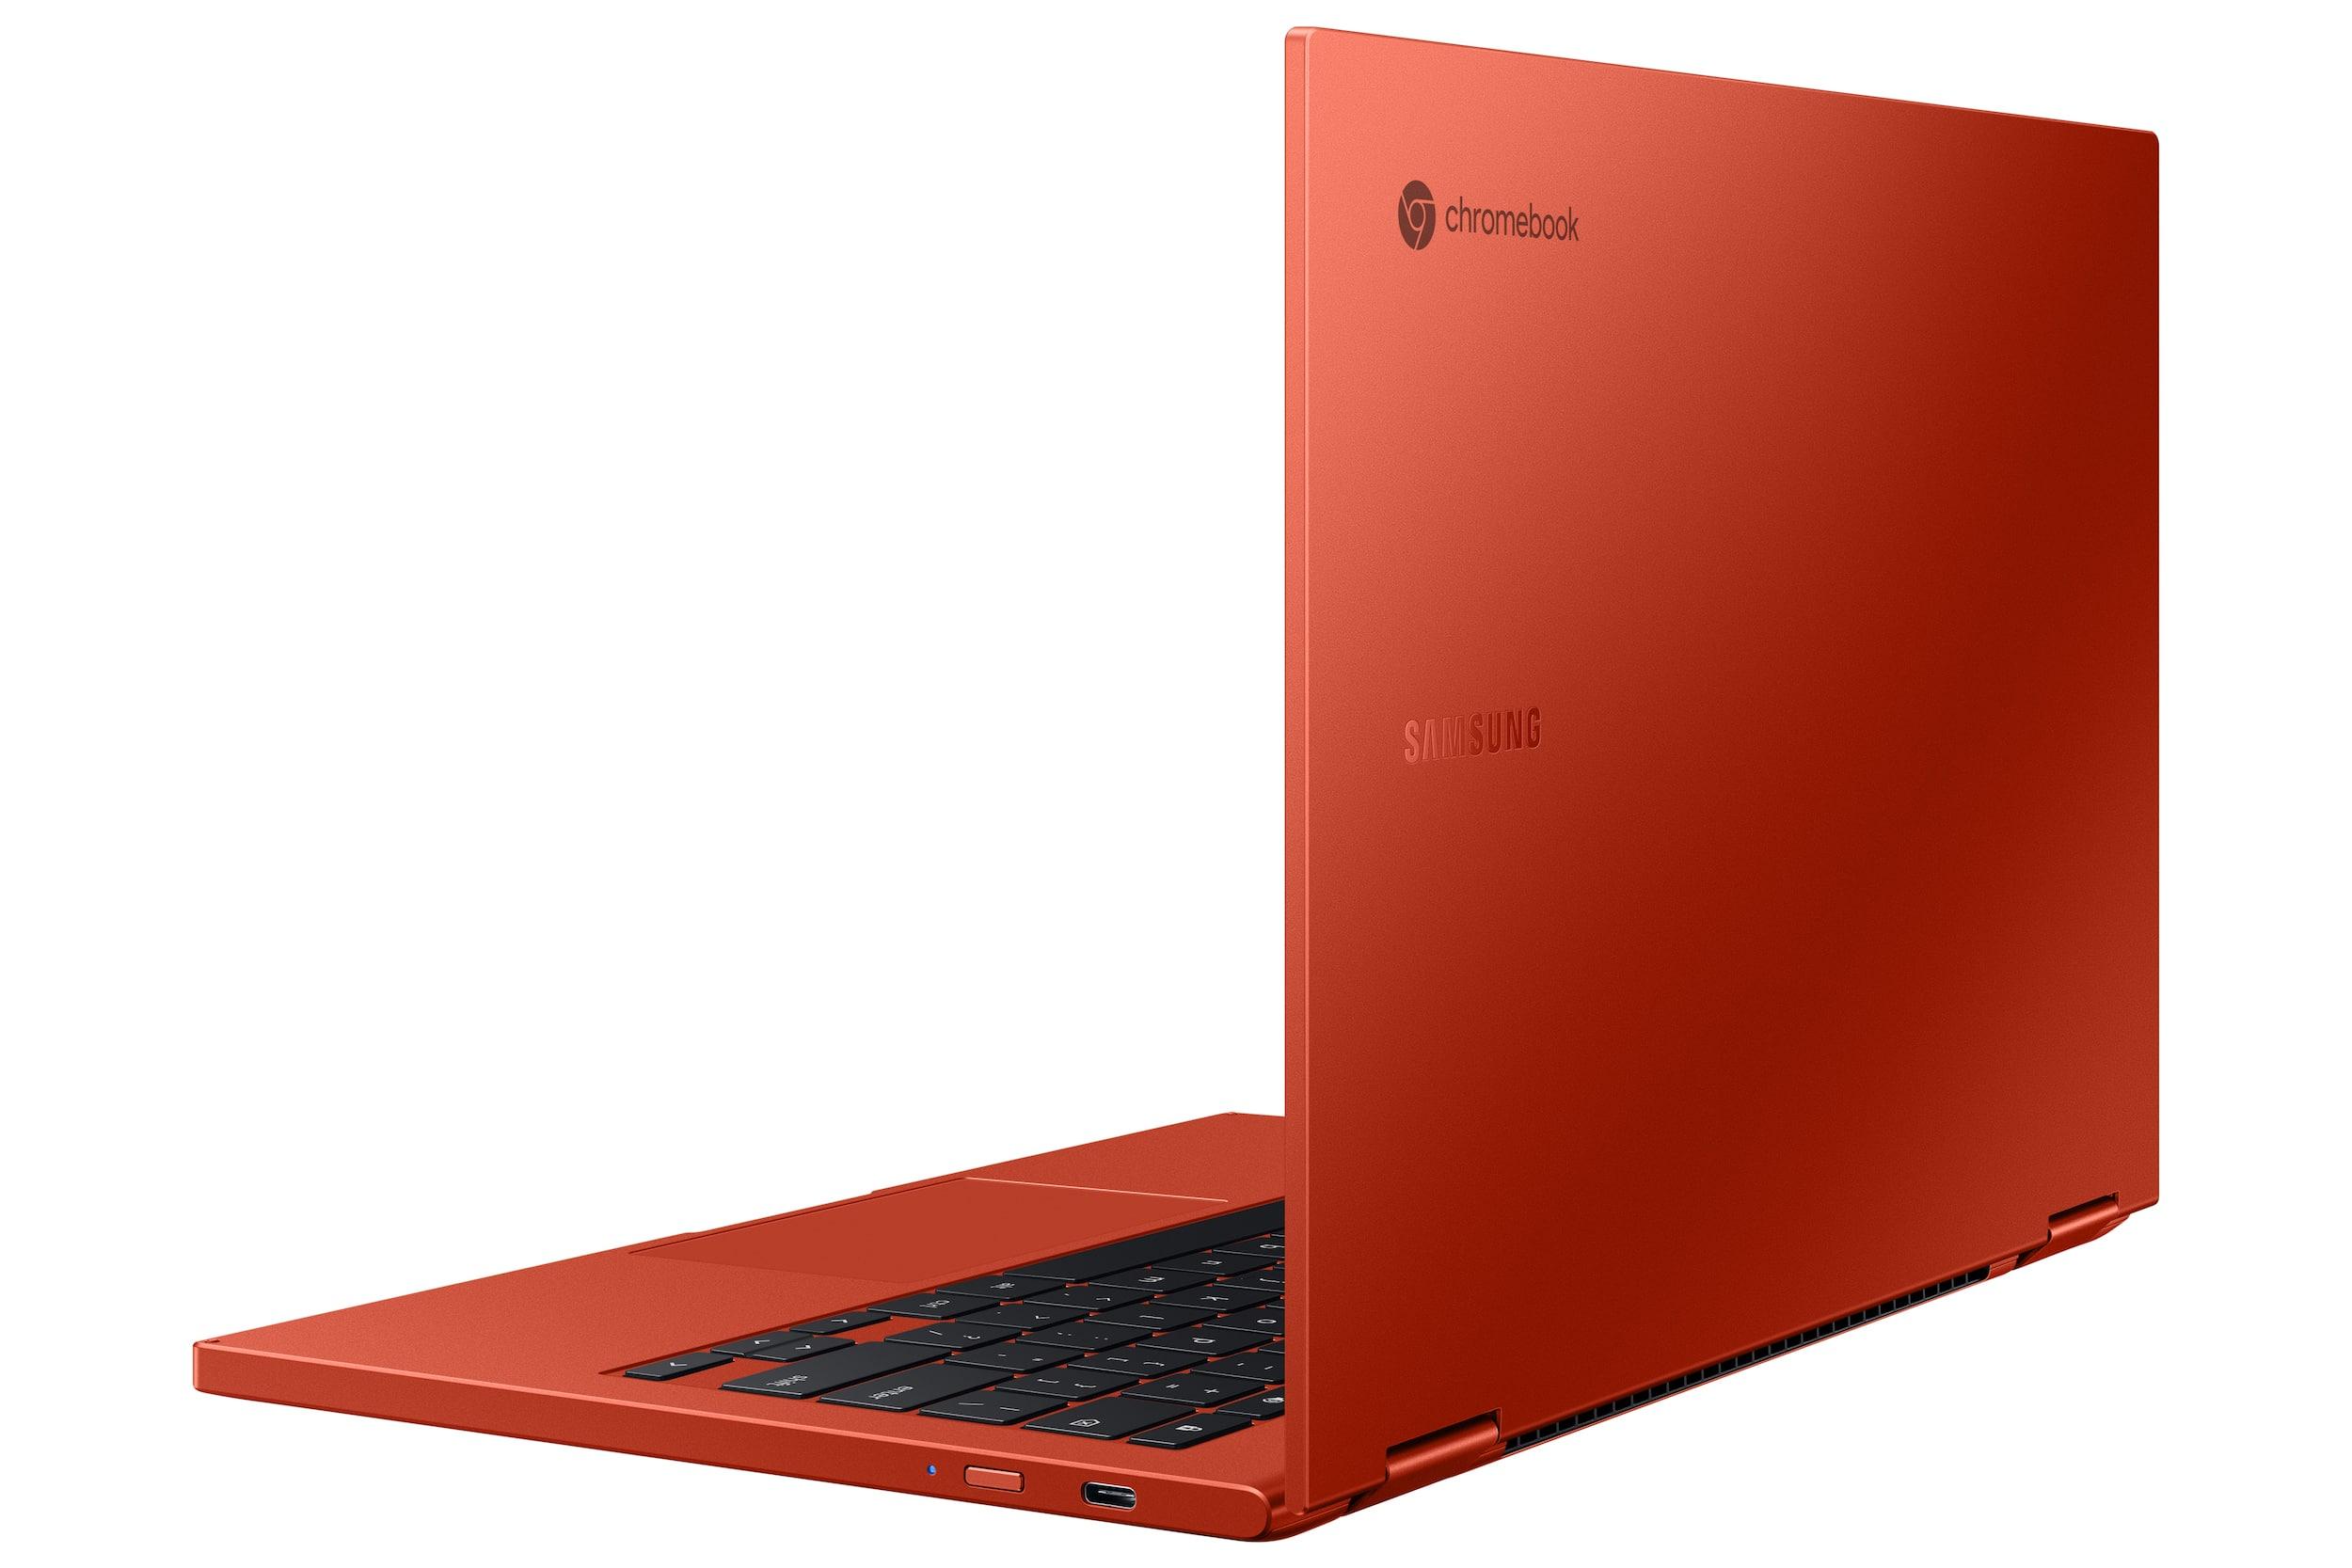 Samsung Galaxy Chromebook2